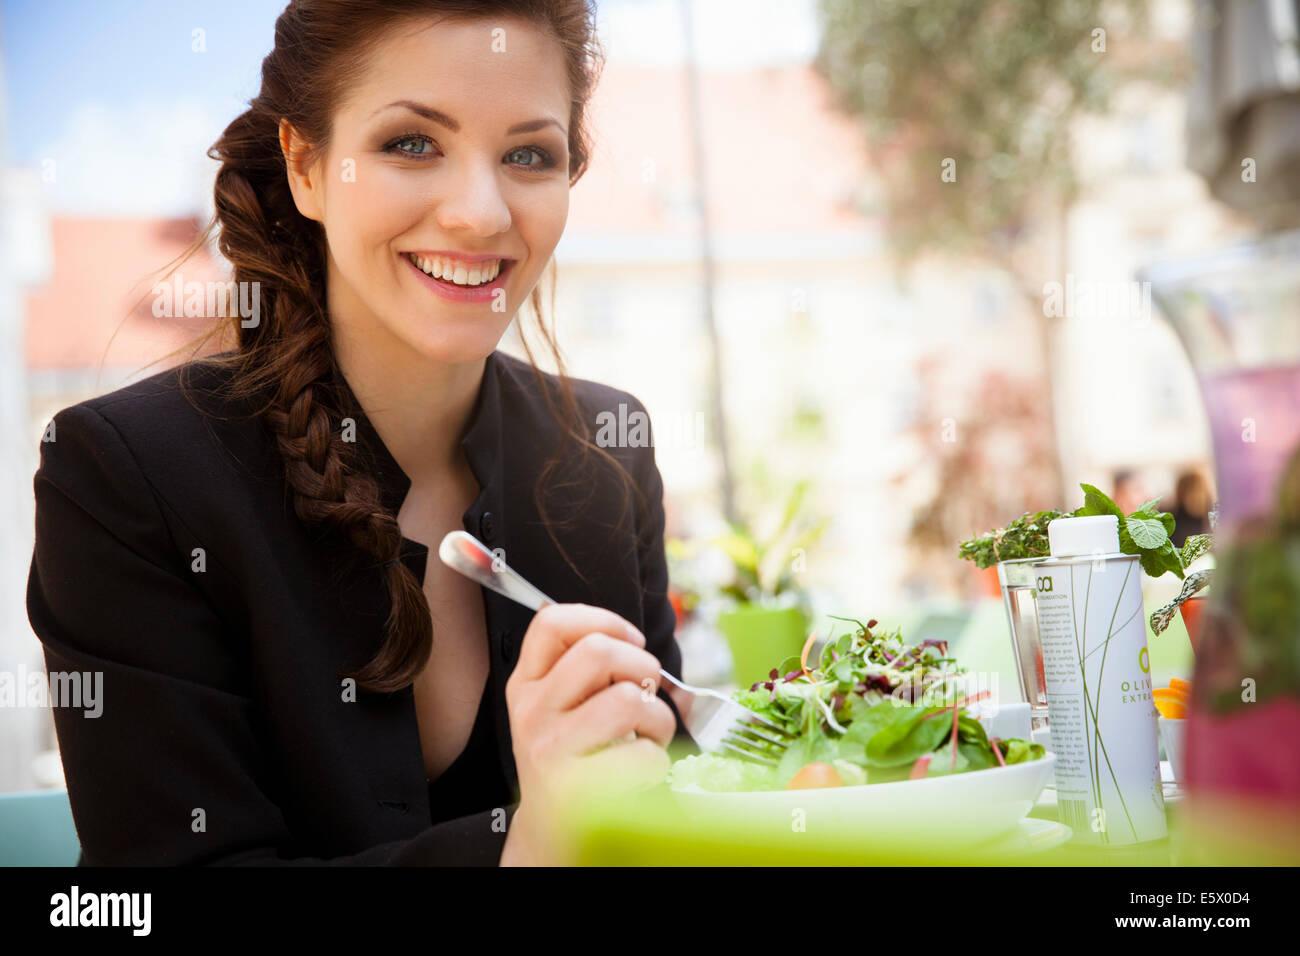 Adulto joven mujer comer ensalada, fuera Imagen De Stock